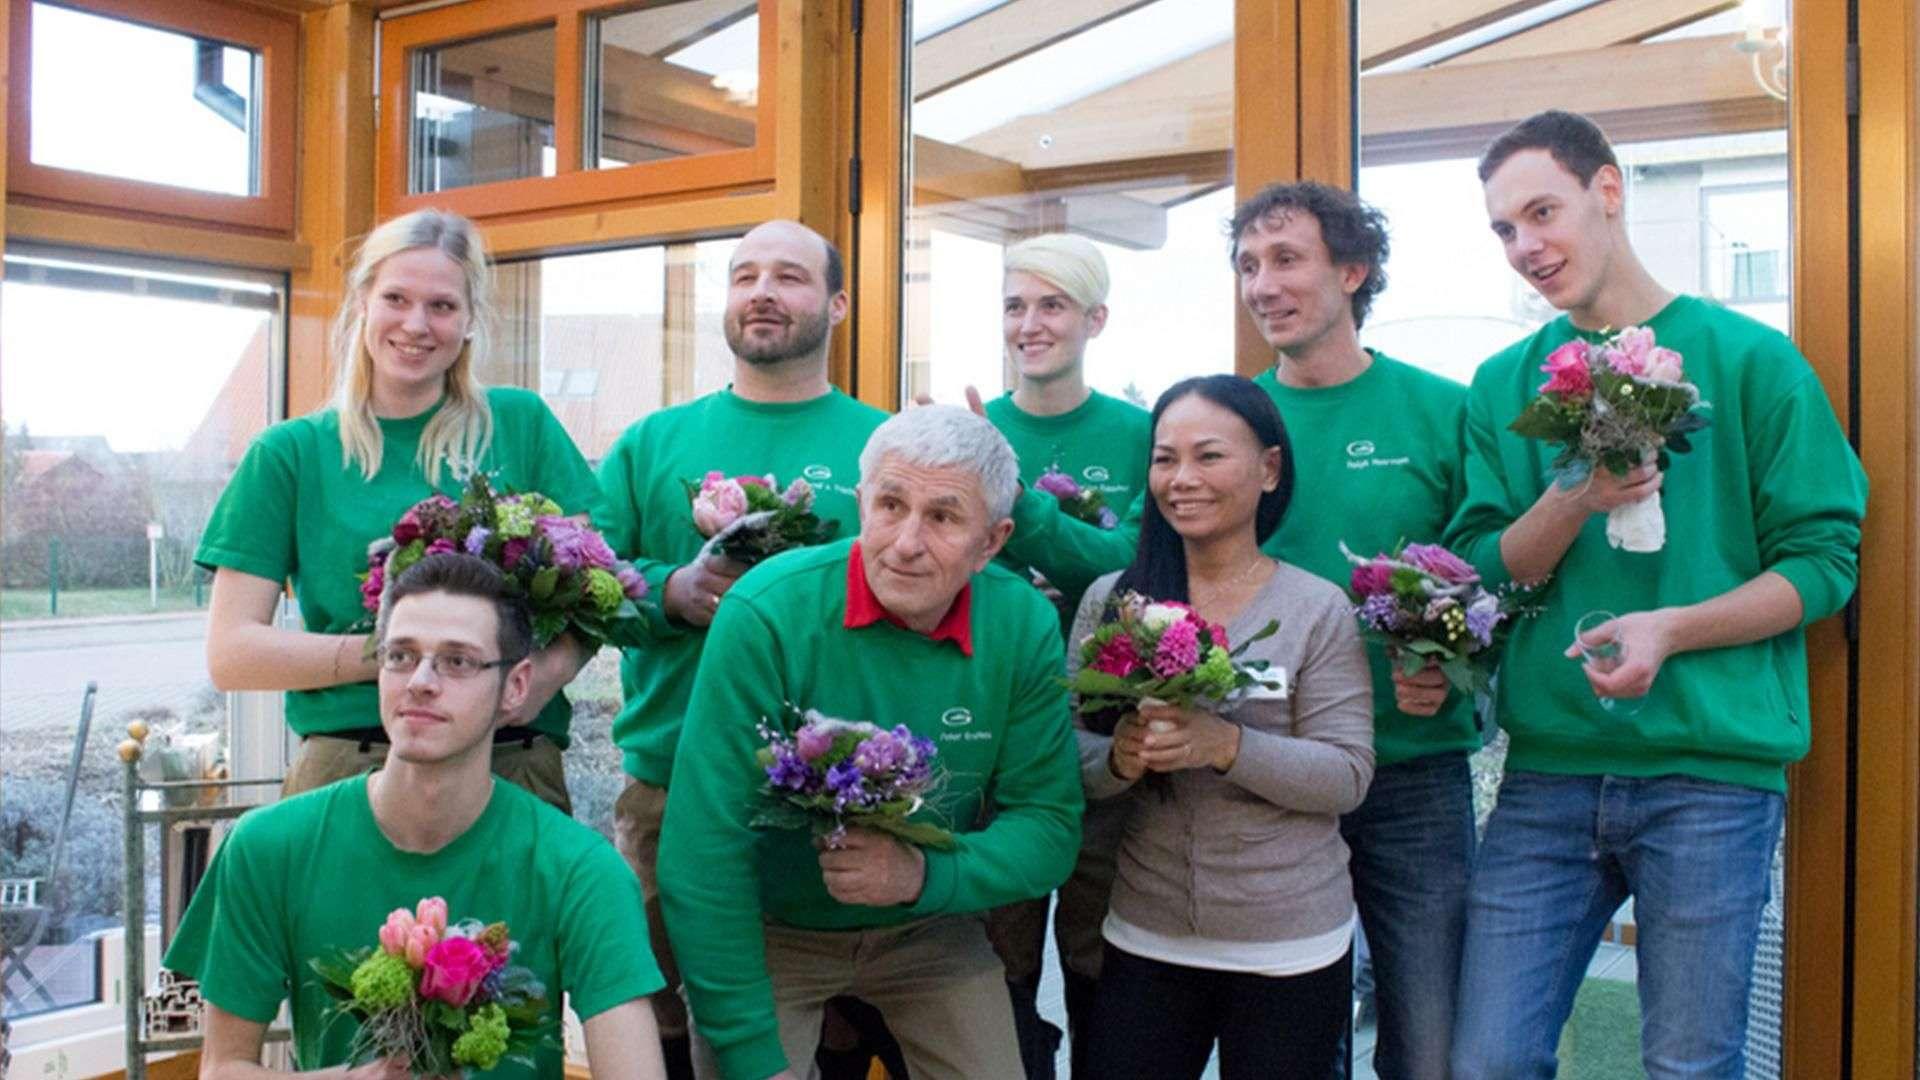 Gruppenbild der Mitarbeiter von Gleue in deren Ausstellung in Lindwedel